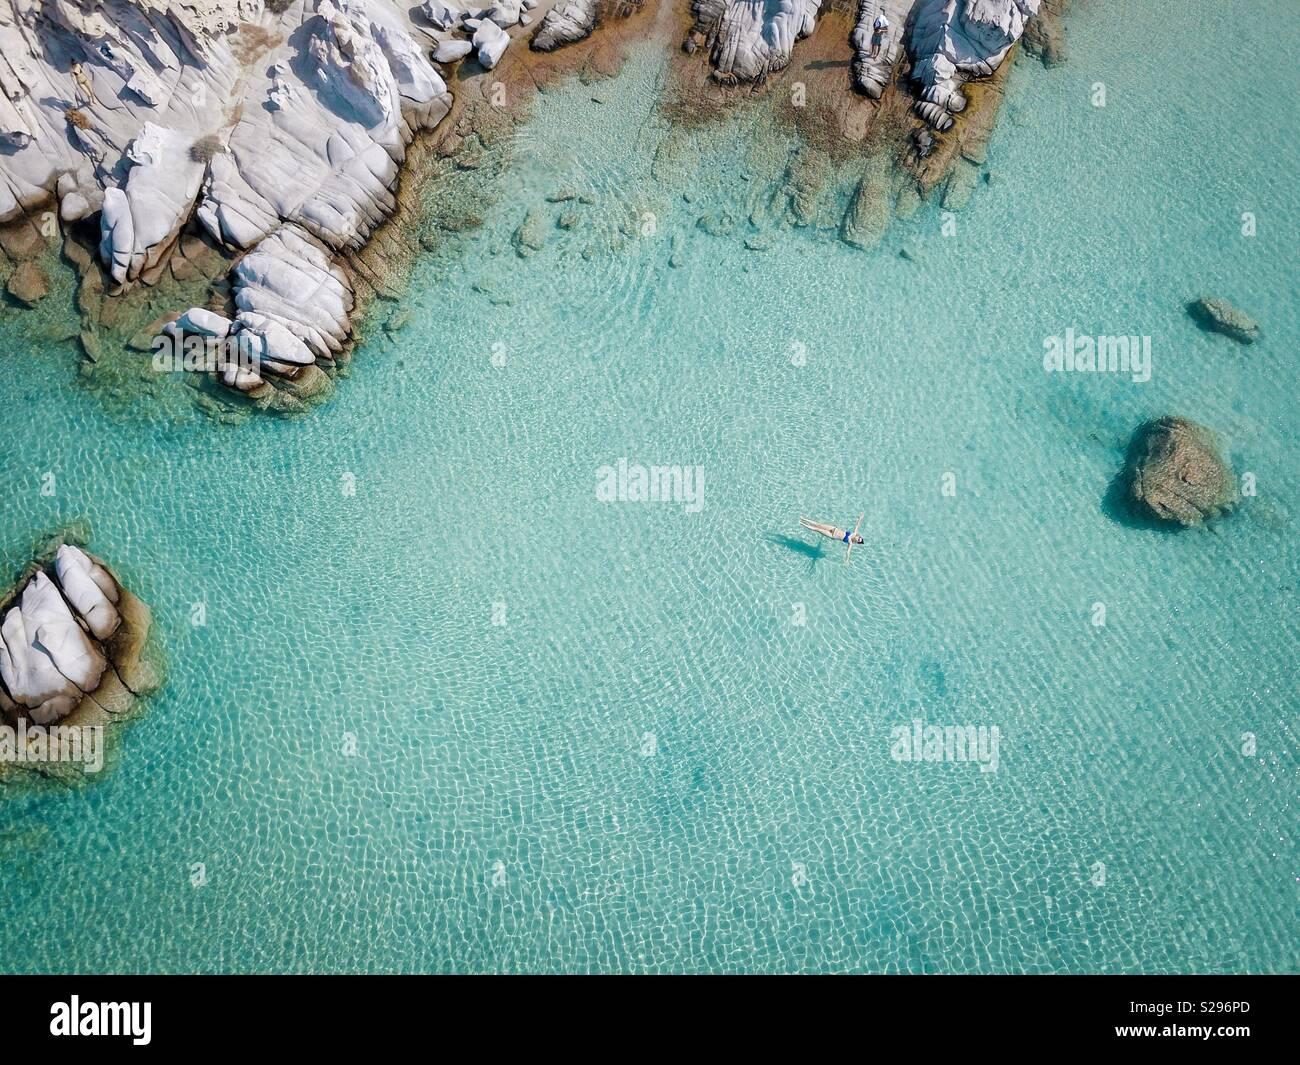 Mädchen schwimmt auf dem Wasser Stockbild